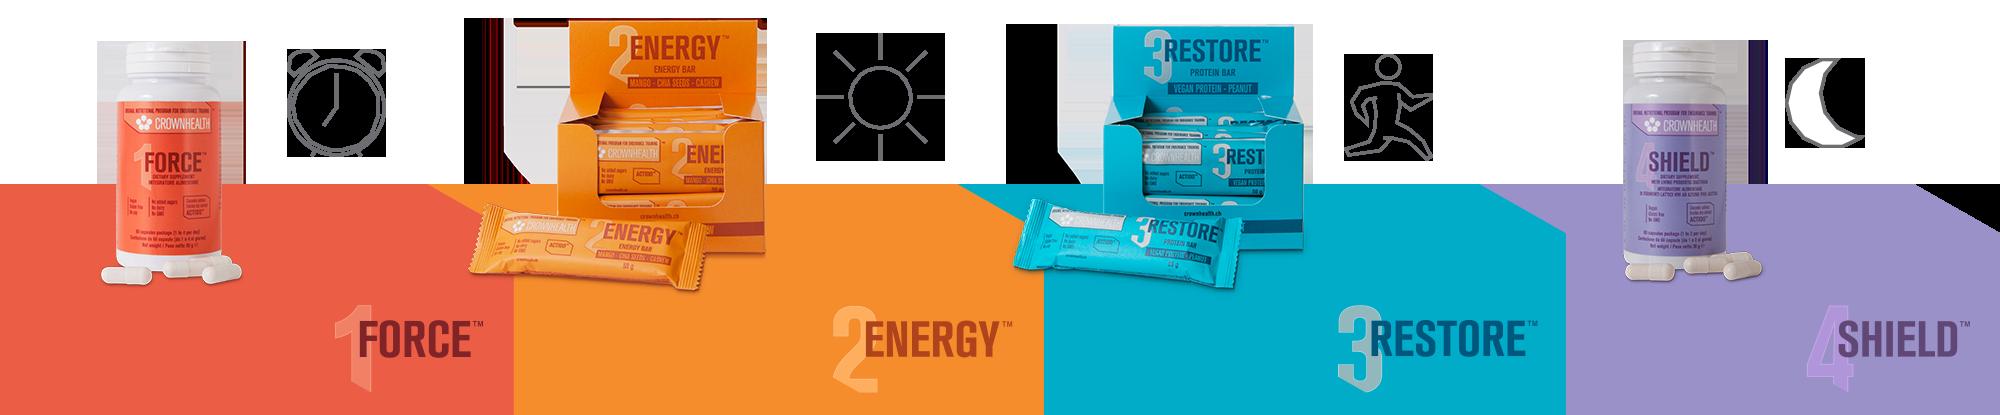 Progettazione del packaging basato sul posizionamento strategico: Il programma Crownhealth